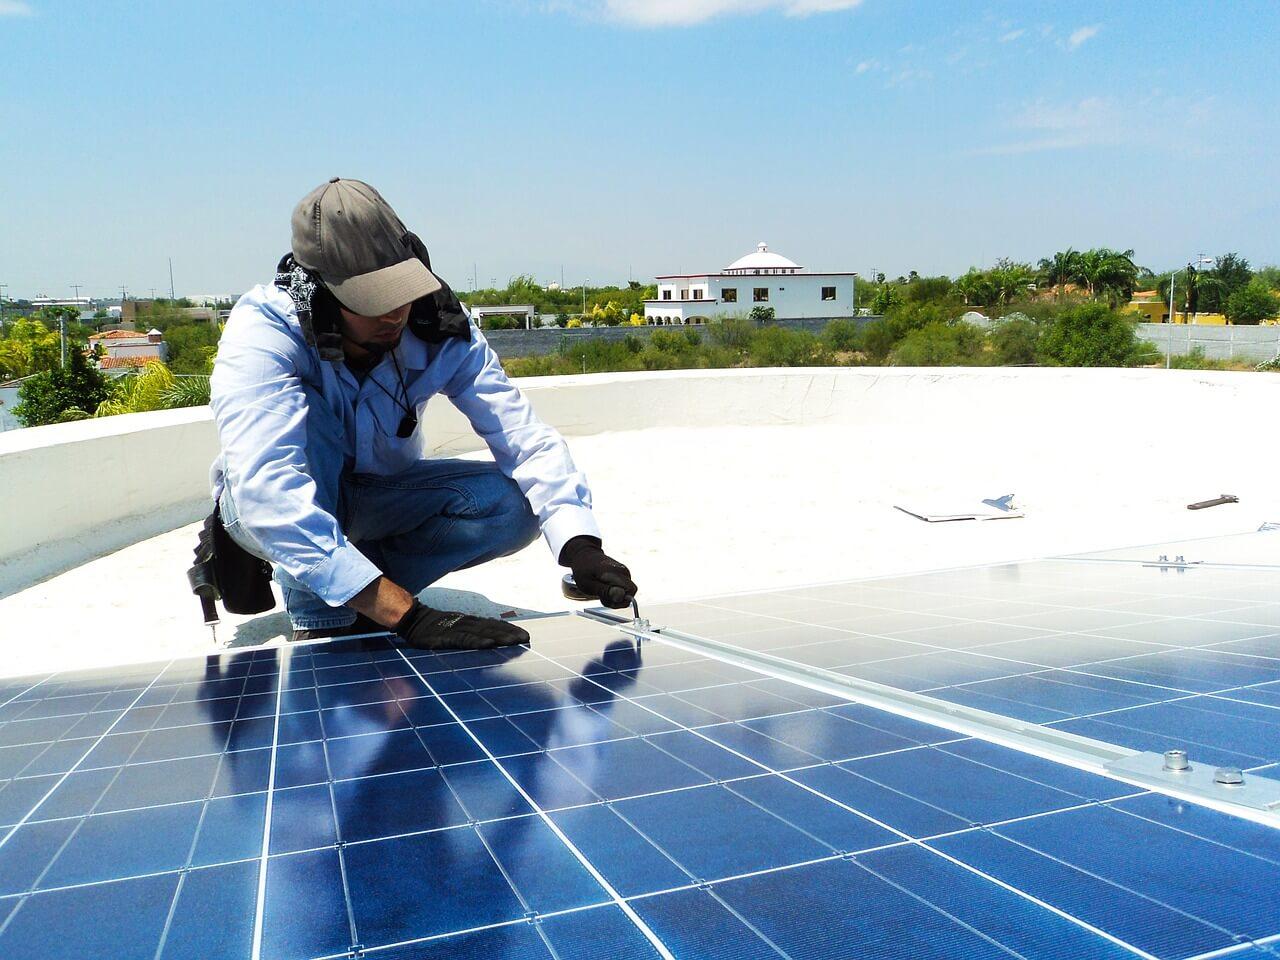 Sončne elektrarne uspešne v tekmi z drugimi tehnologijami